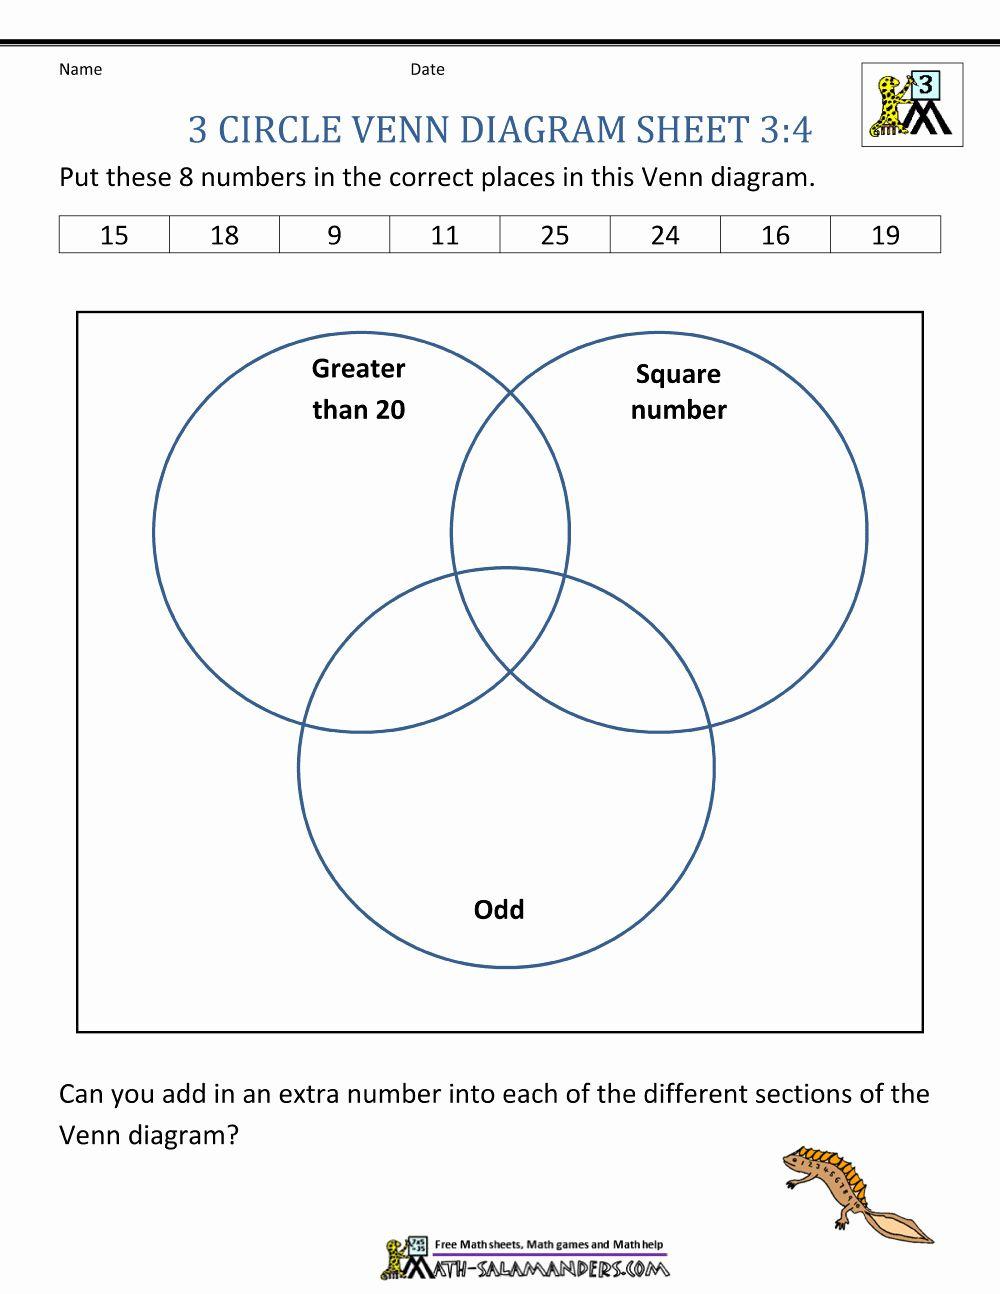 Venn Diagram Worksheets Best Of Venn Diagram Worksheets 3rd Grade Venn Diagram Worksheet Venn Diagram Diagram